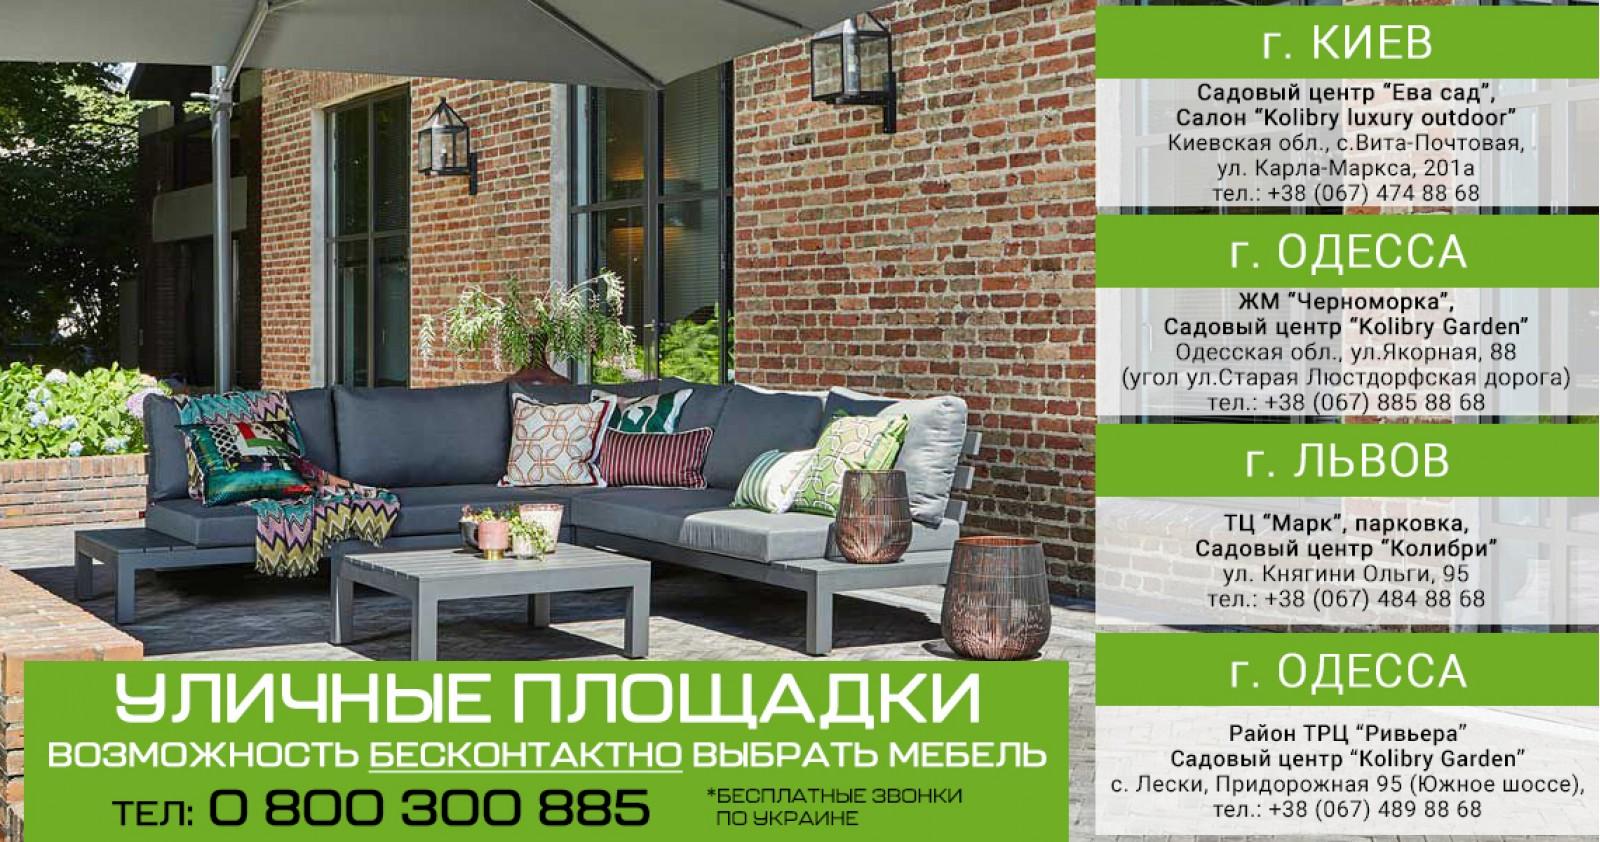 Возможность бесконтактно выбрать мебель   Kolibry Luxury Outdoor